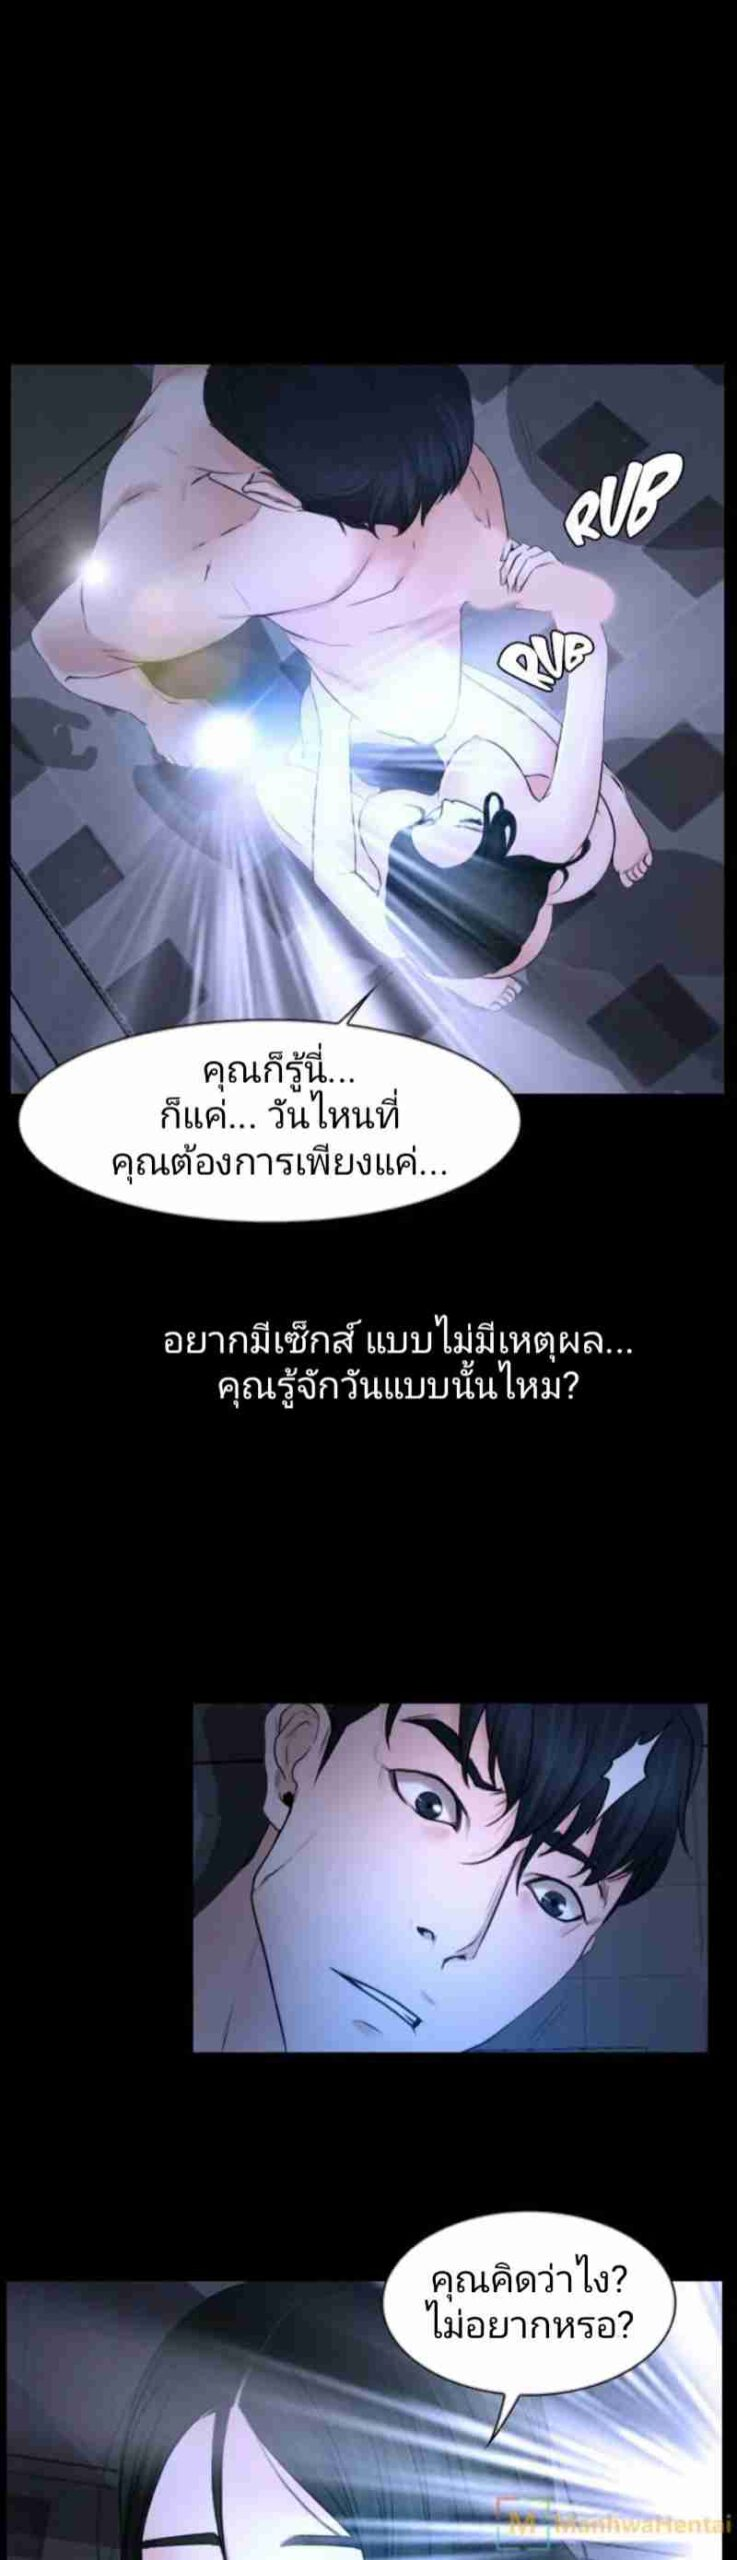 โดจิน Doujin ความรู้สึกที่ซ่อนอยู่ในใจ(21)8